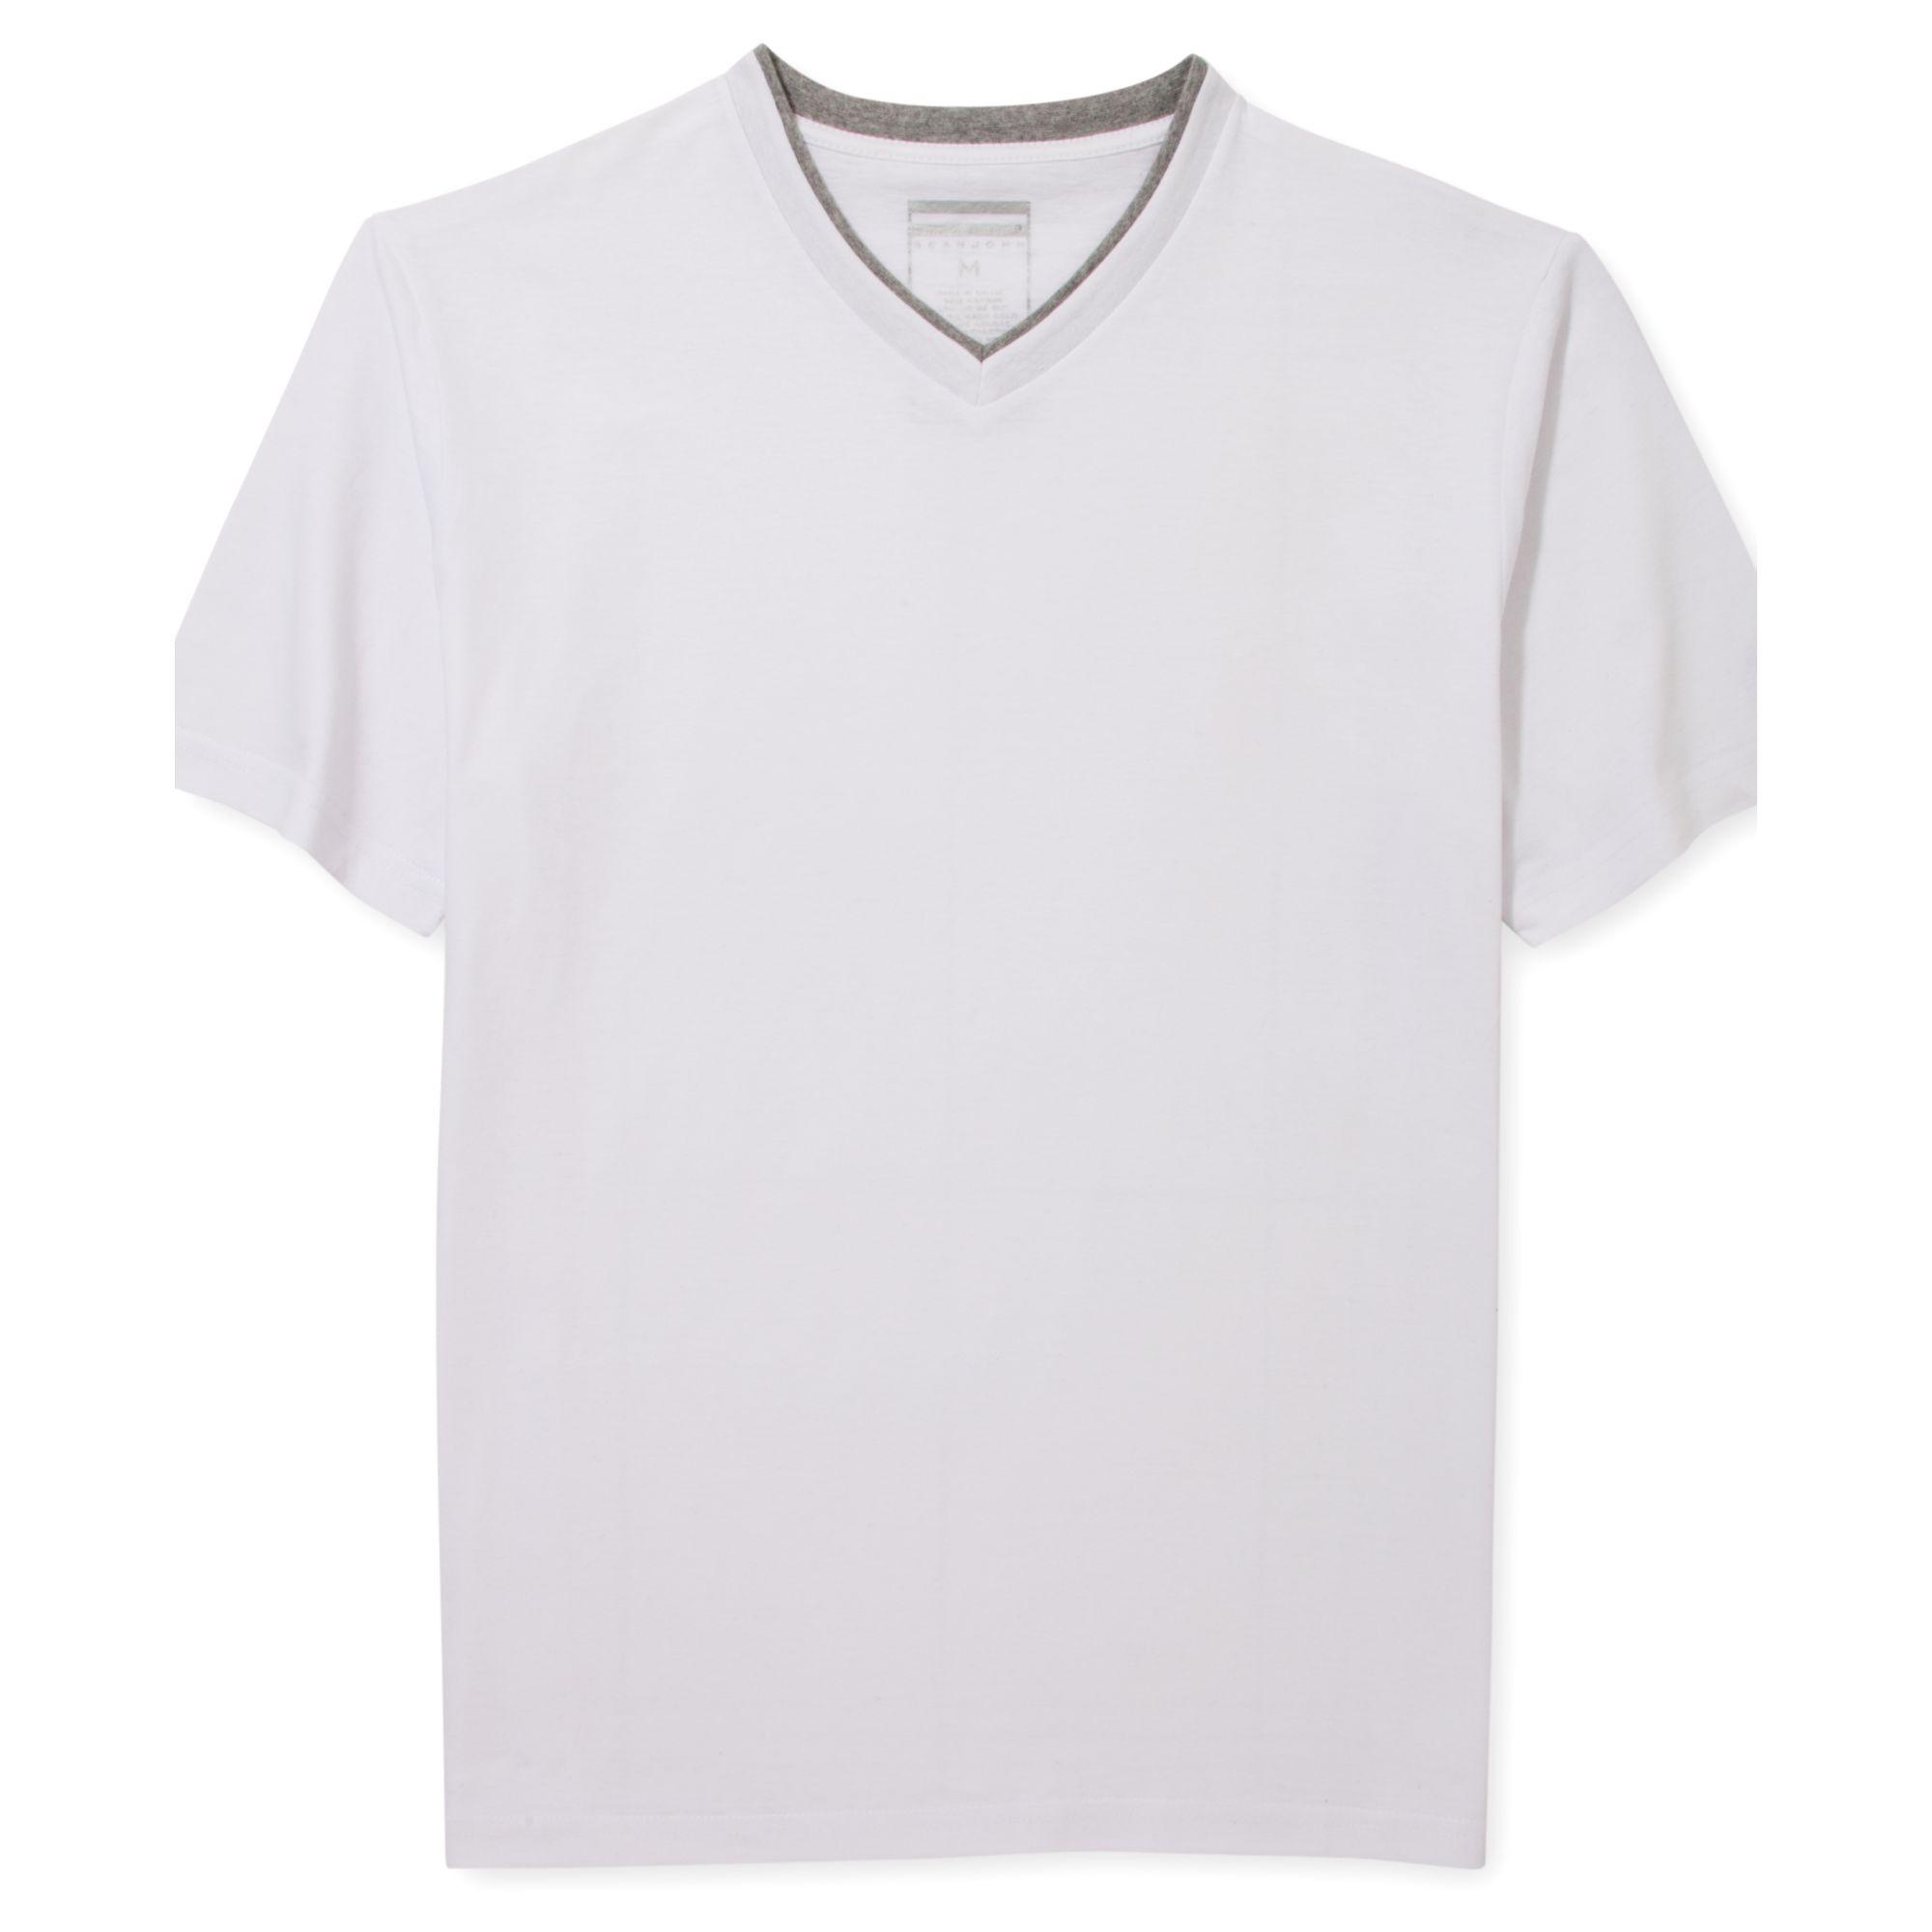 Sean john solid v neck t shirt in white for men bleach for Sean john t shirts for mens